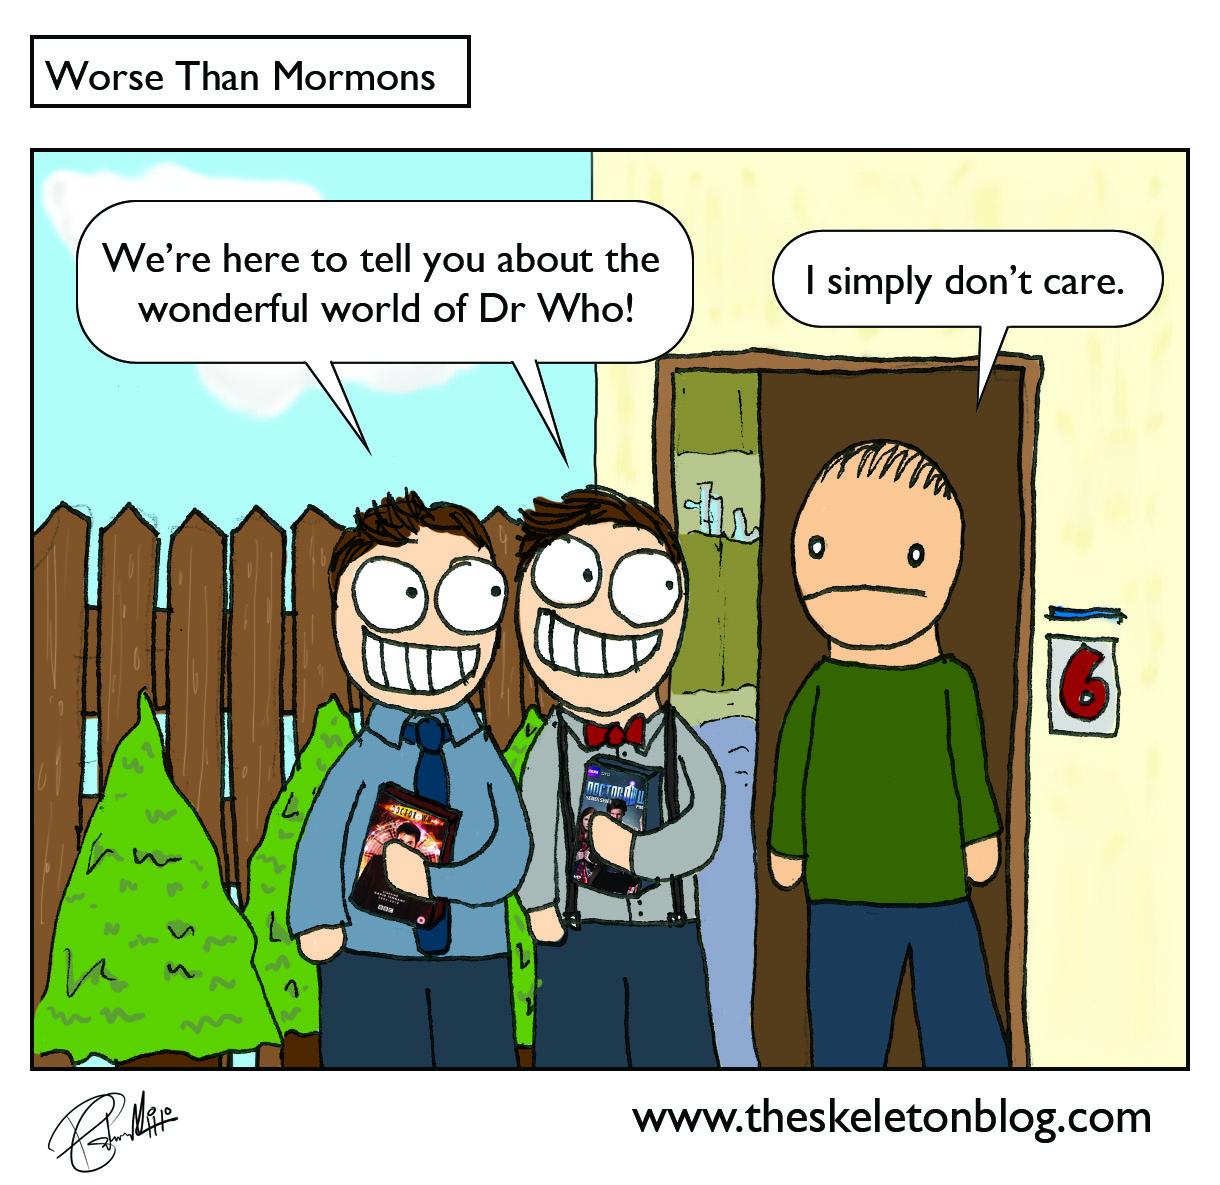 Free Comic Book Day 2013: Skeleton Blog: Worse Than Mormons